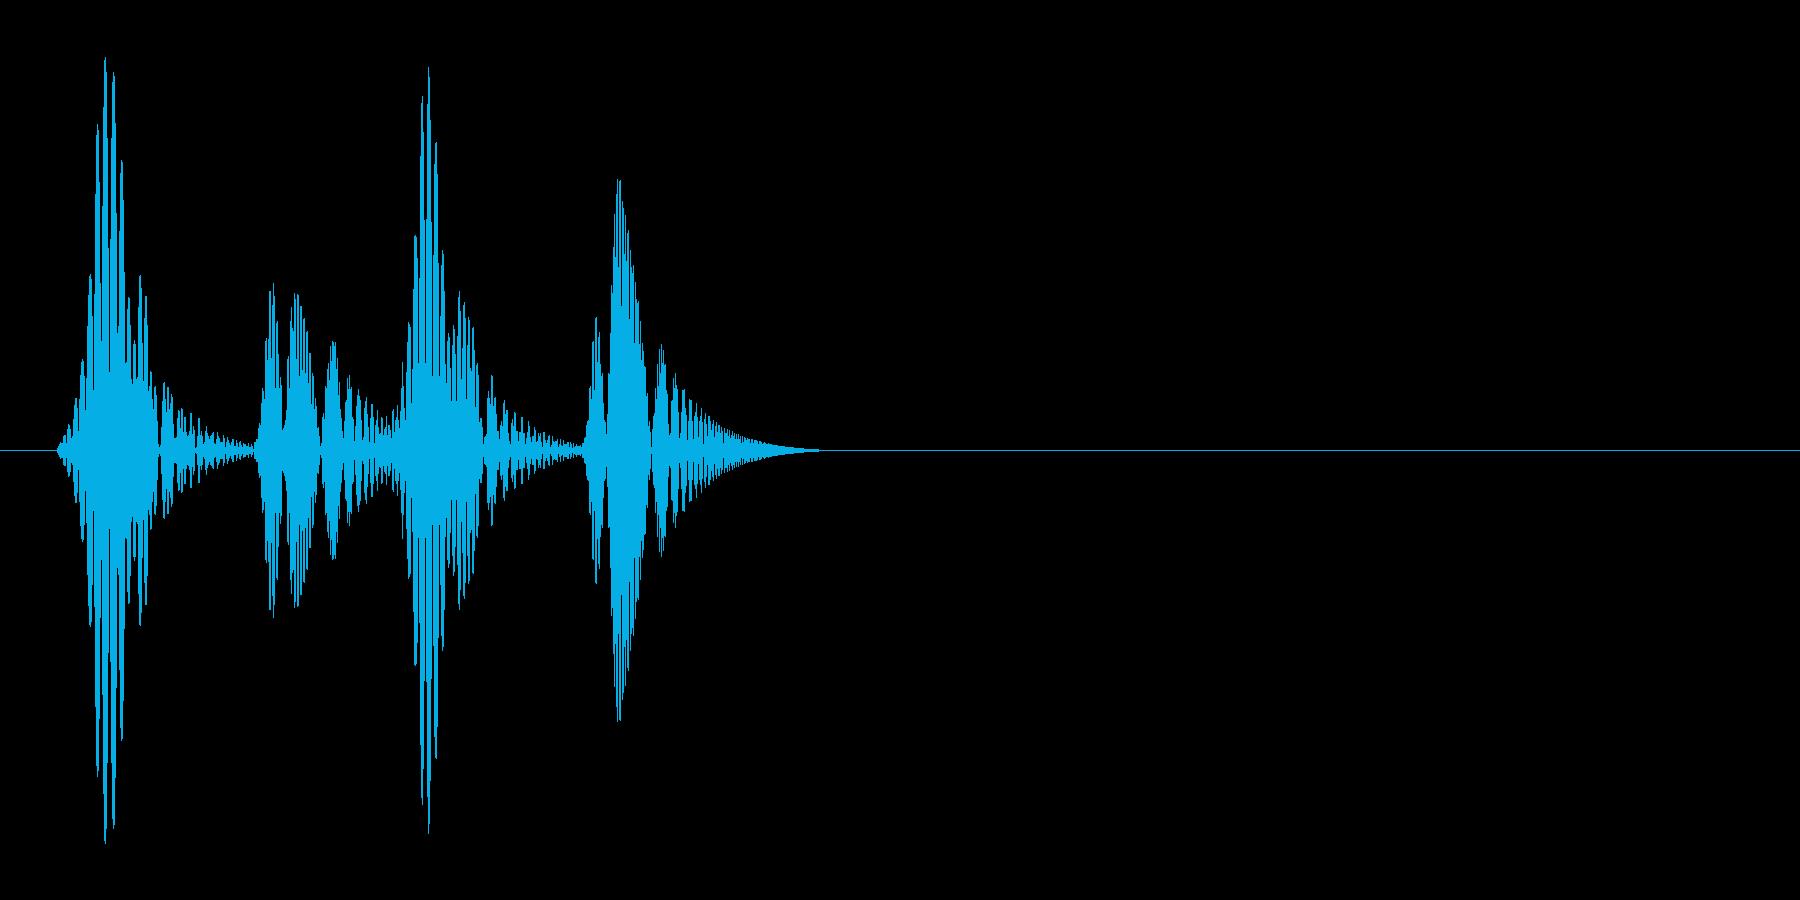 ゴクゴクッ(吸血、ポップ、吸い取る)の再生済みの波形